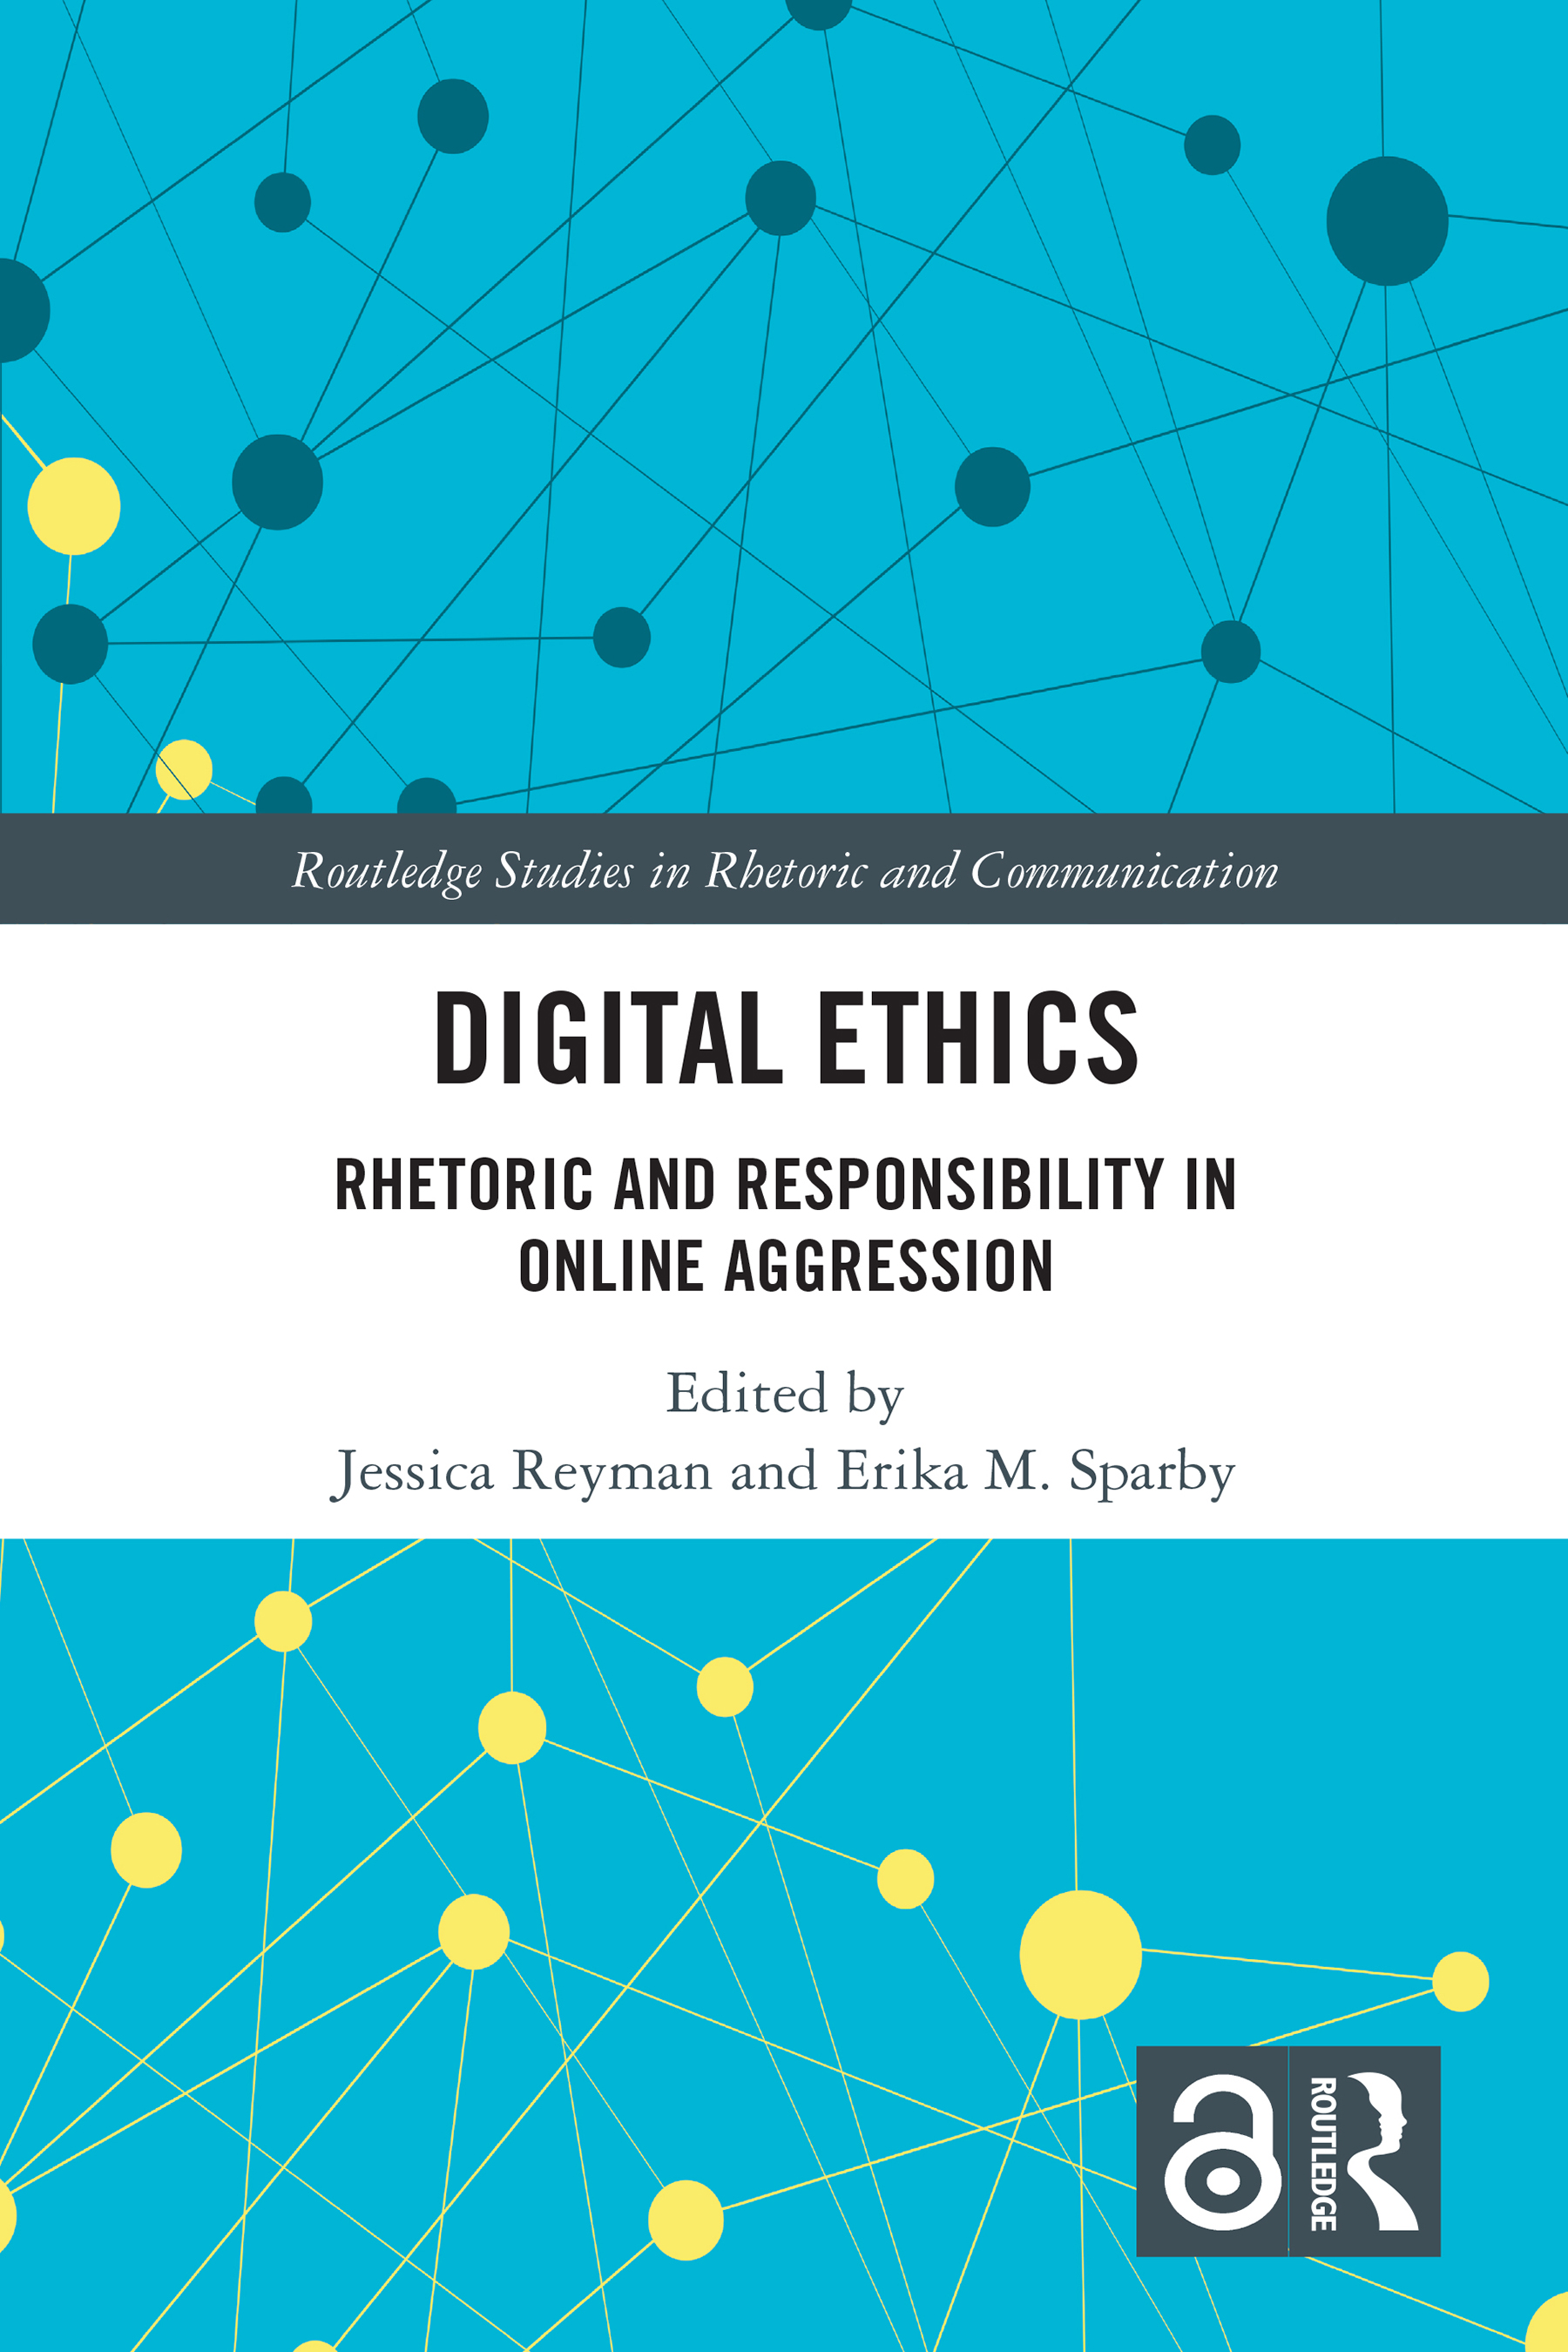 Digital Ethics